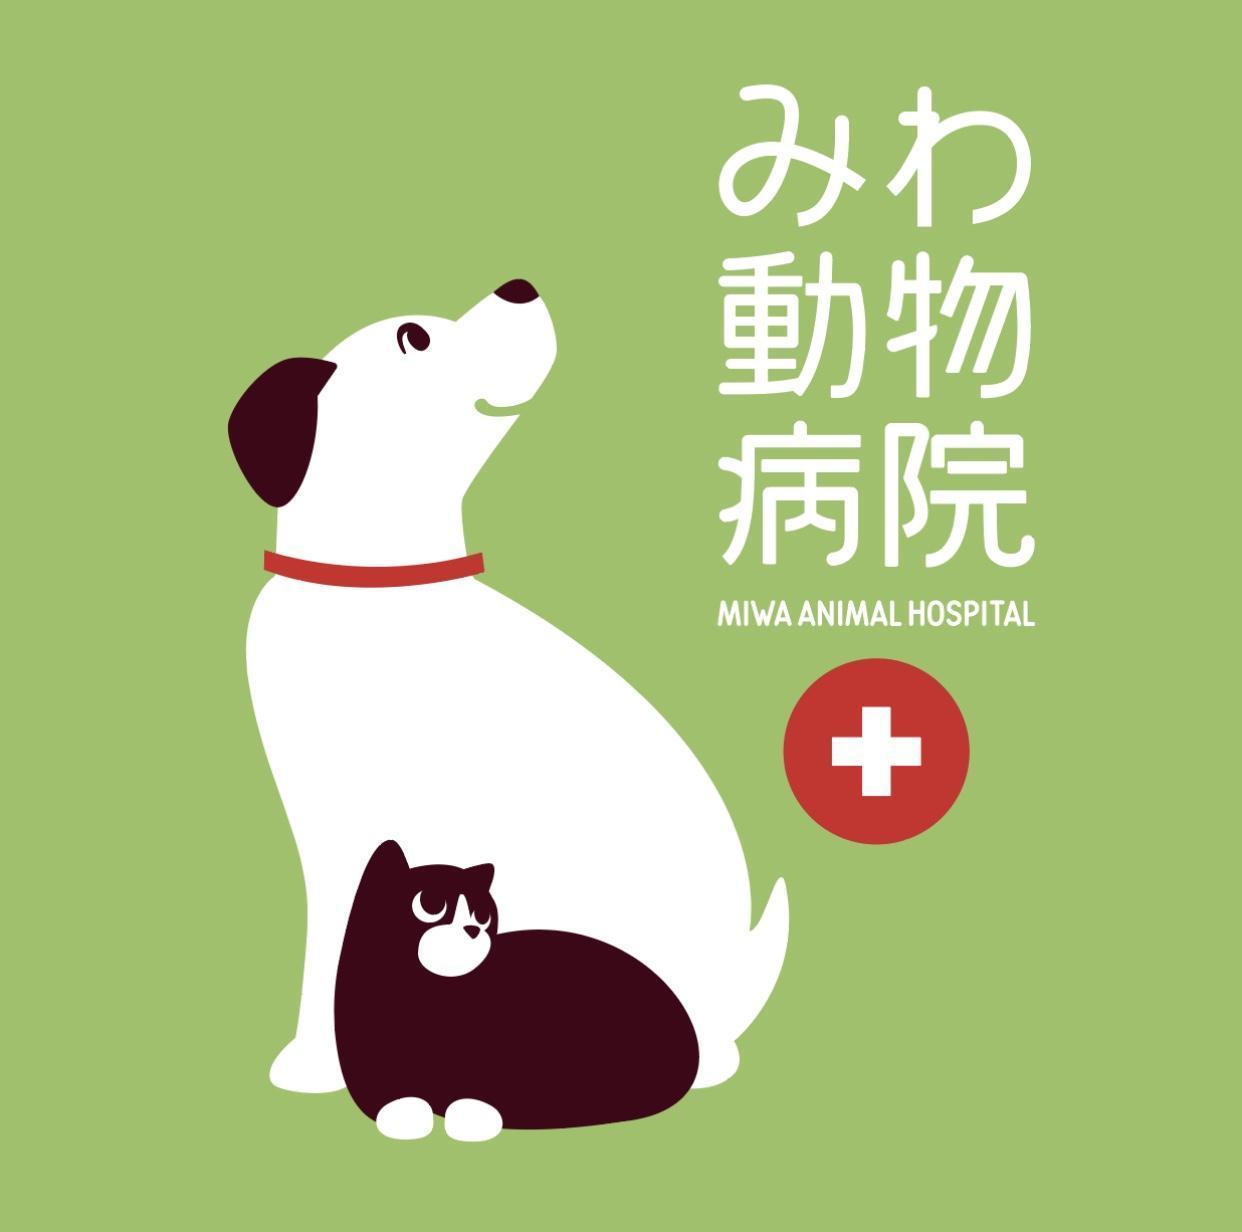 【獣医師】長崎県 みわ動物病院 貴方の力を当院で!